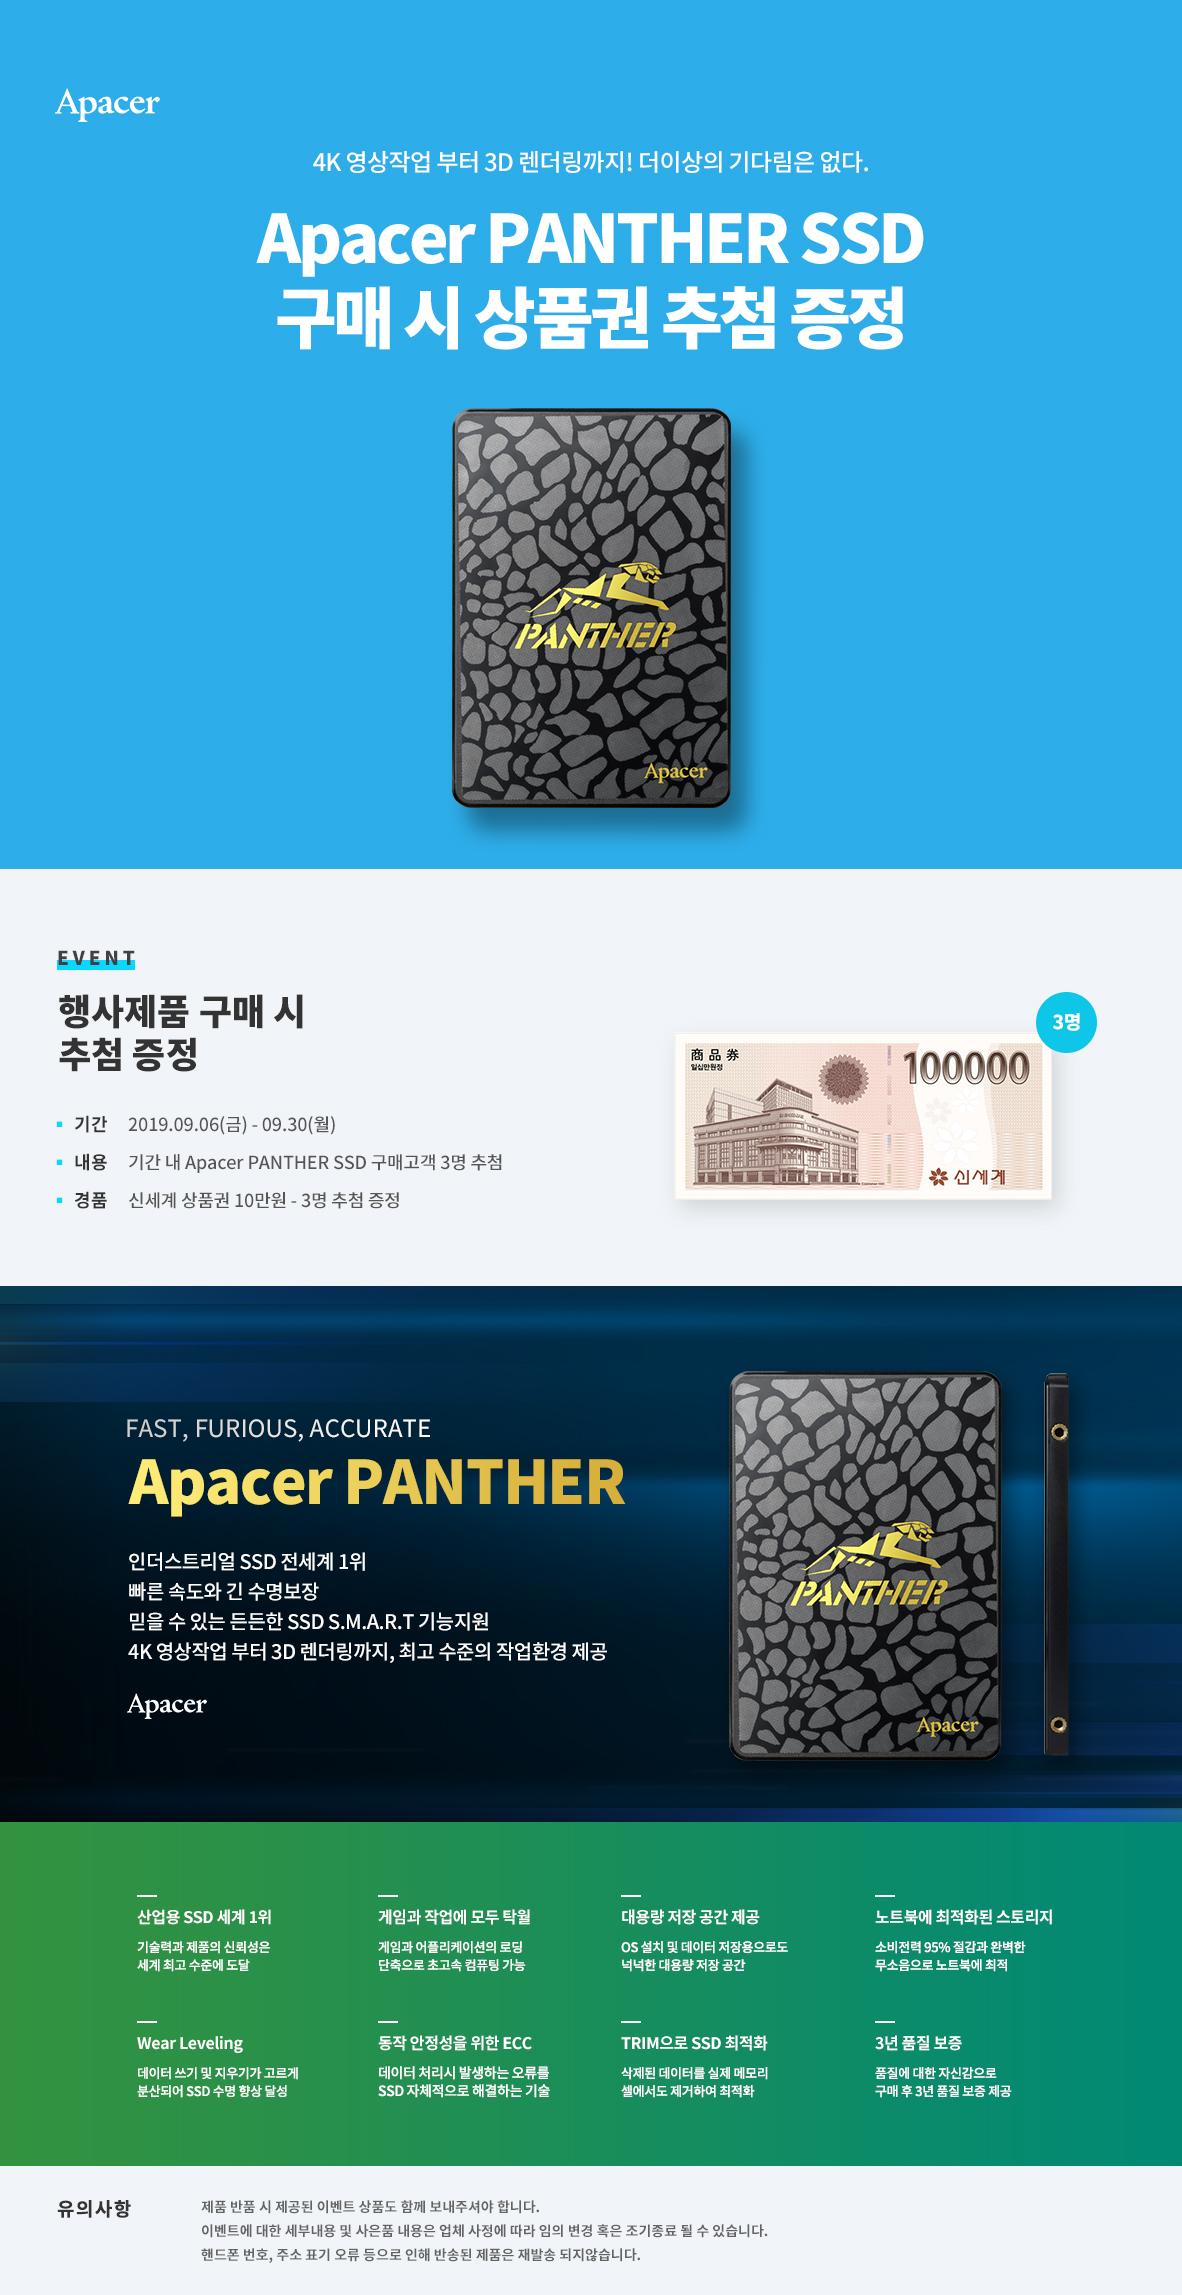 APACER AS340 SSD 시리즈 구매자 대상 추첨 신세계 상품권 증정 이벤트!